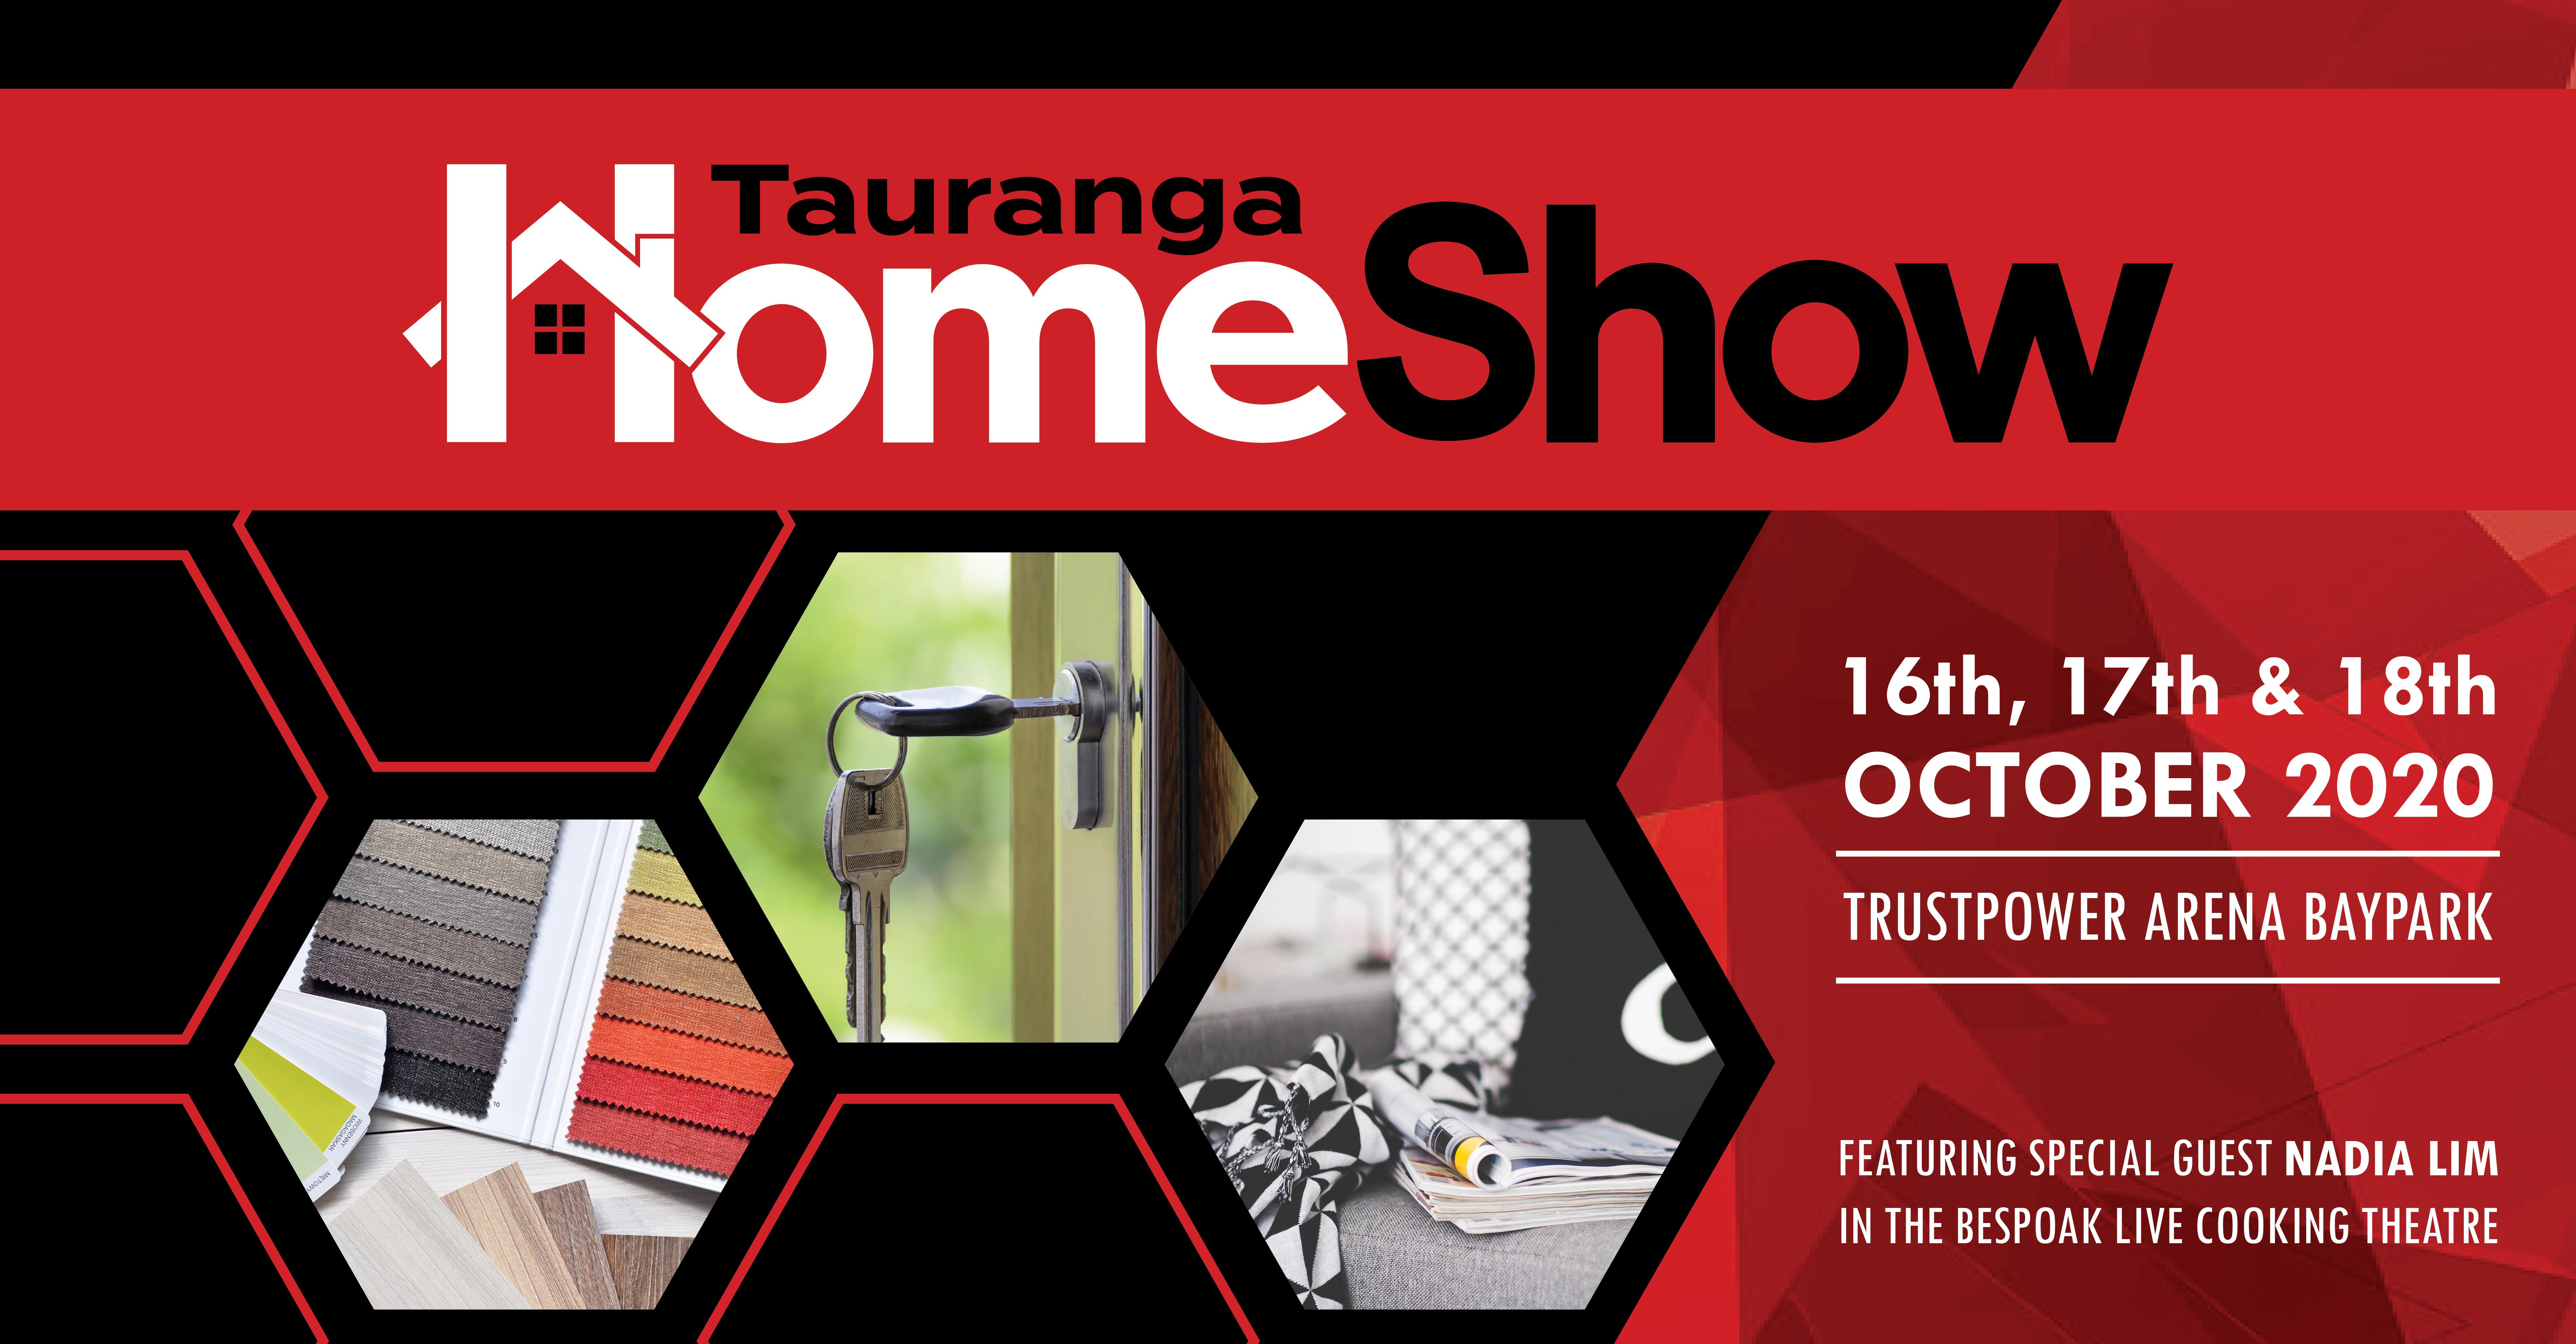 Tauranga Home Show 2020